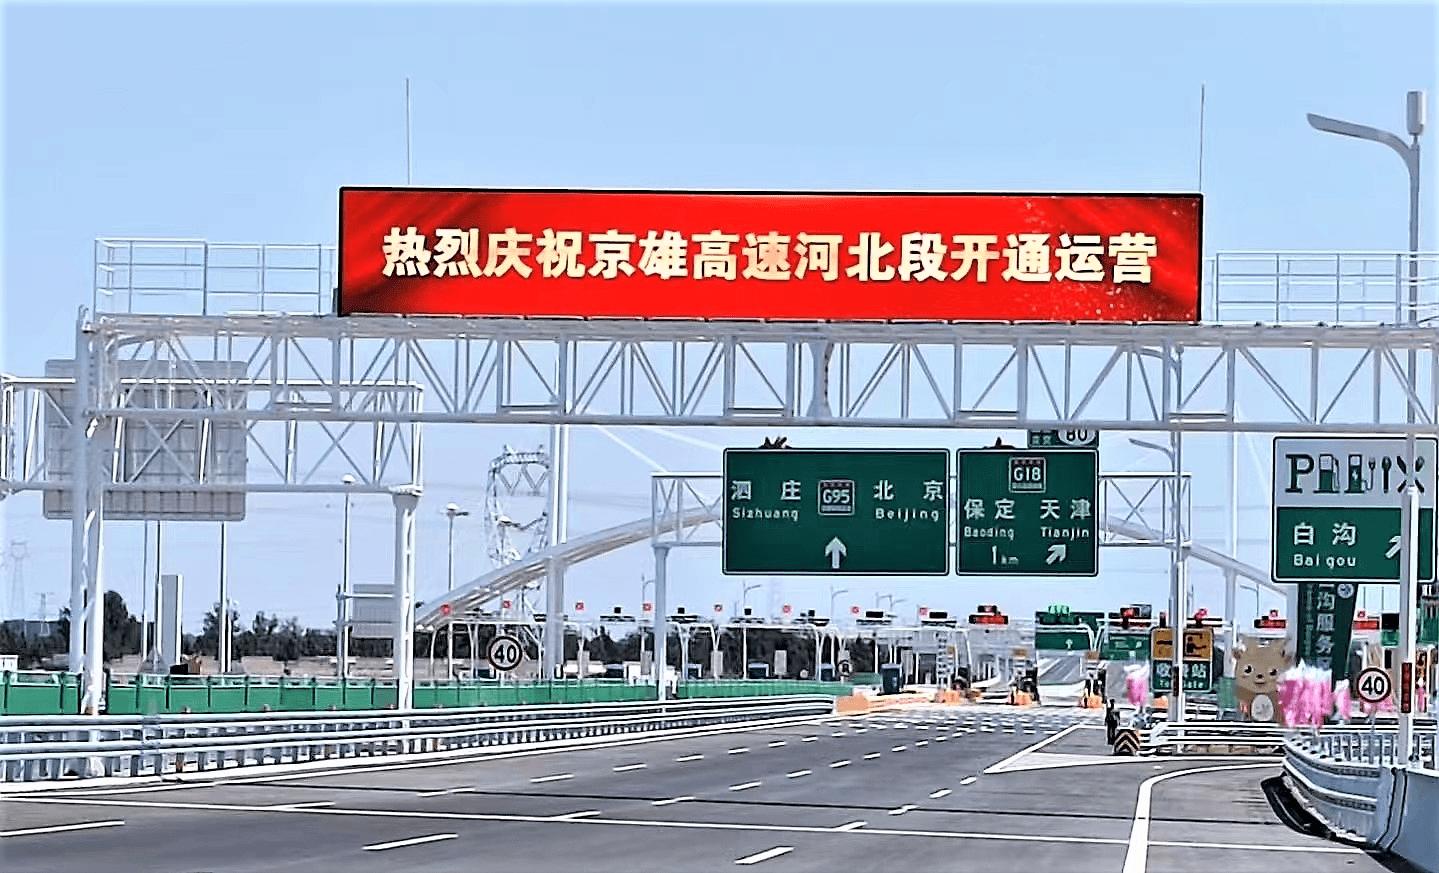 京雄高速河北段通车∣上海三思助力打造国家先行样板